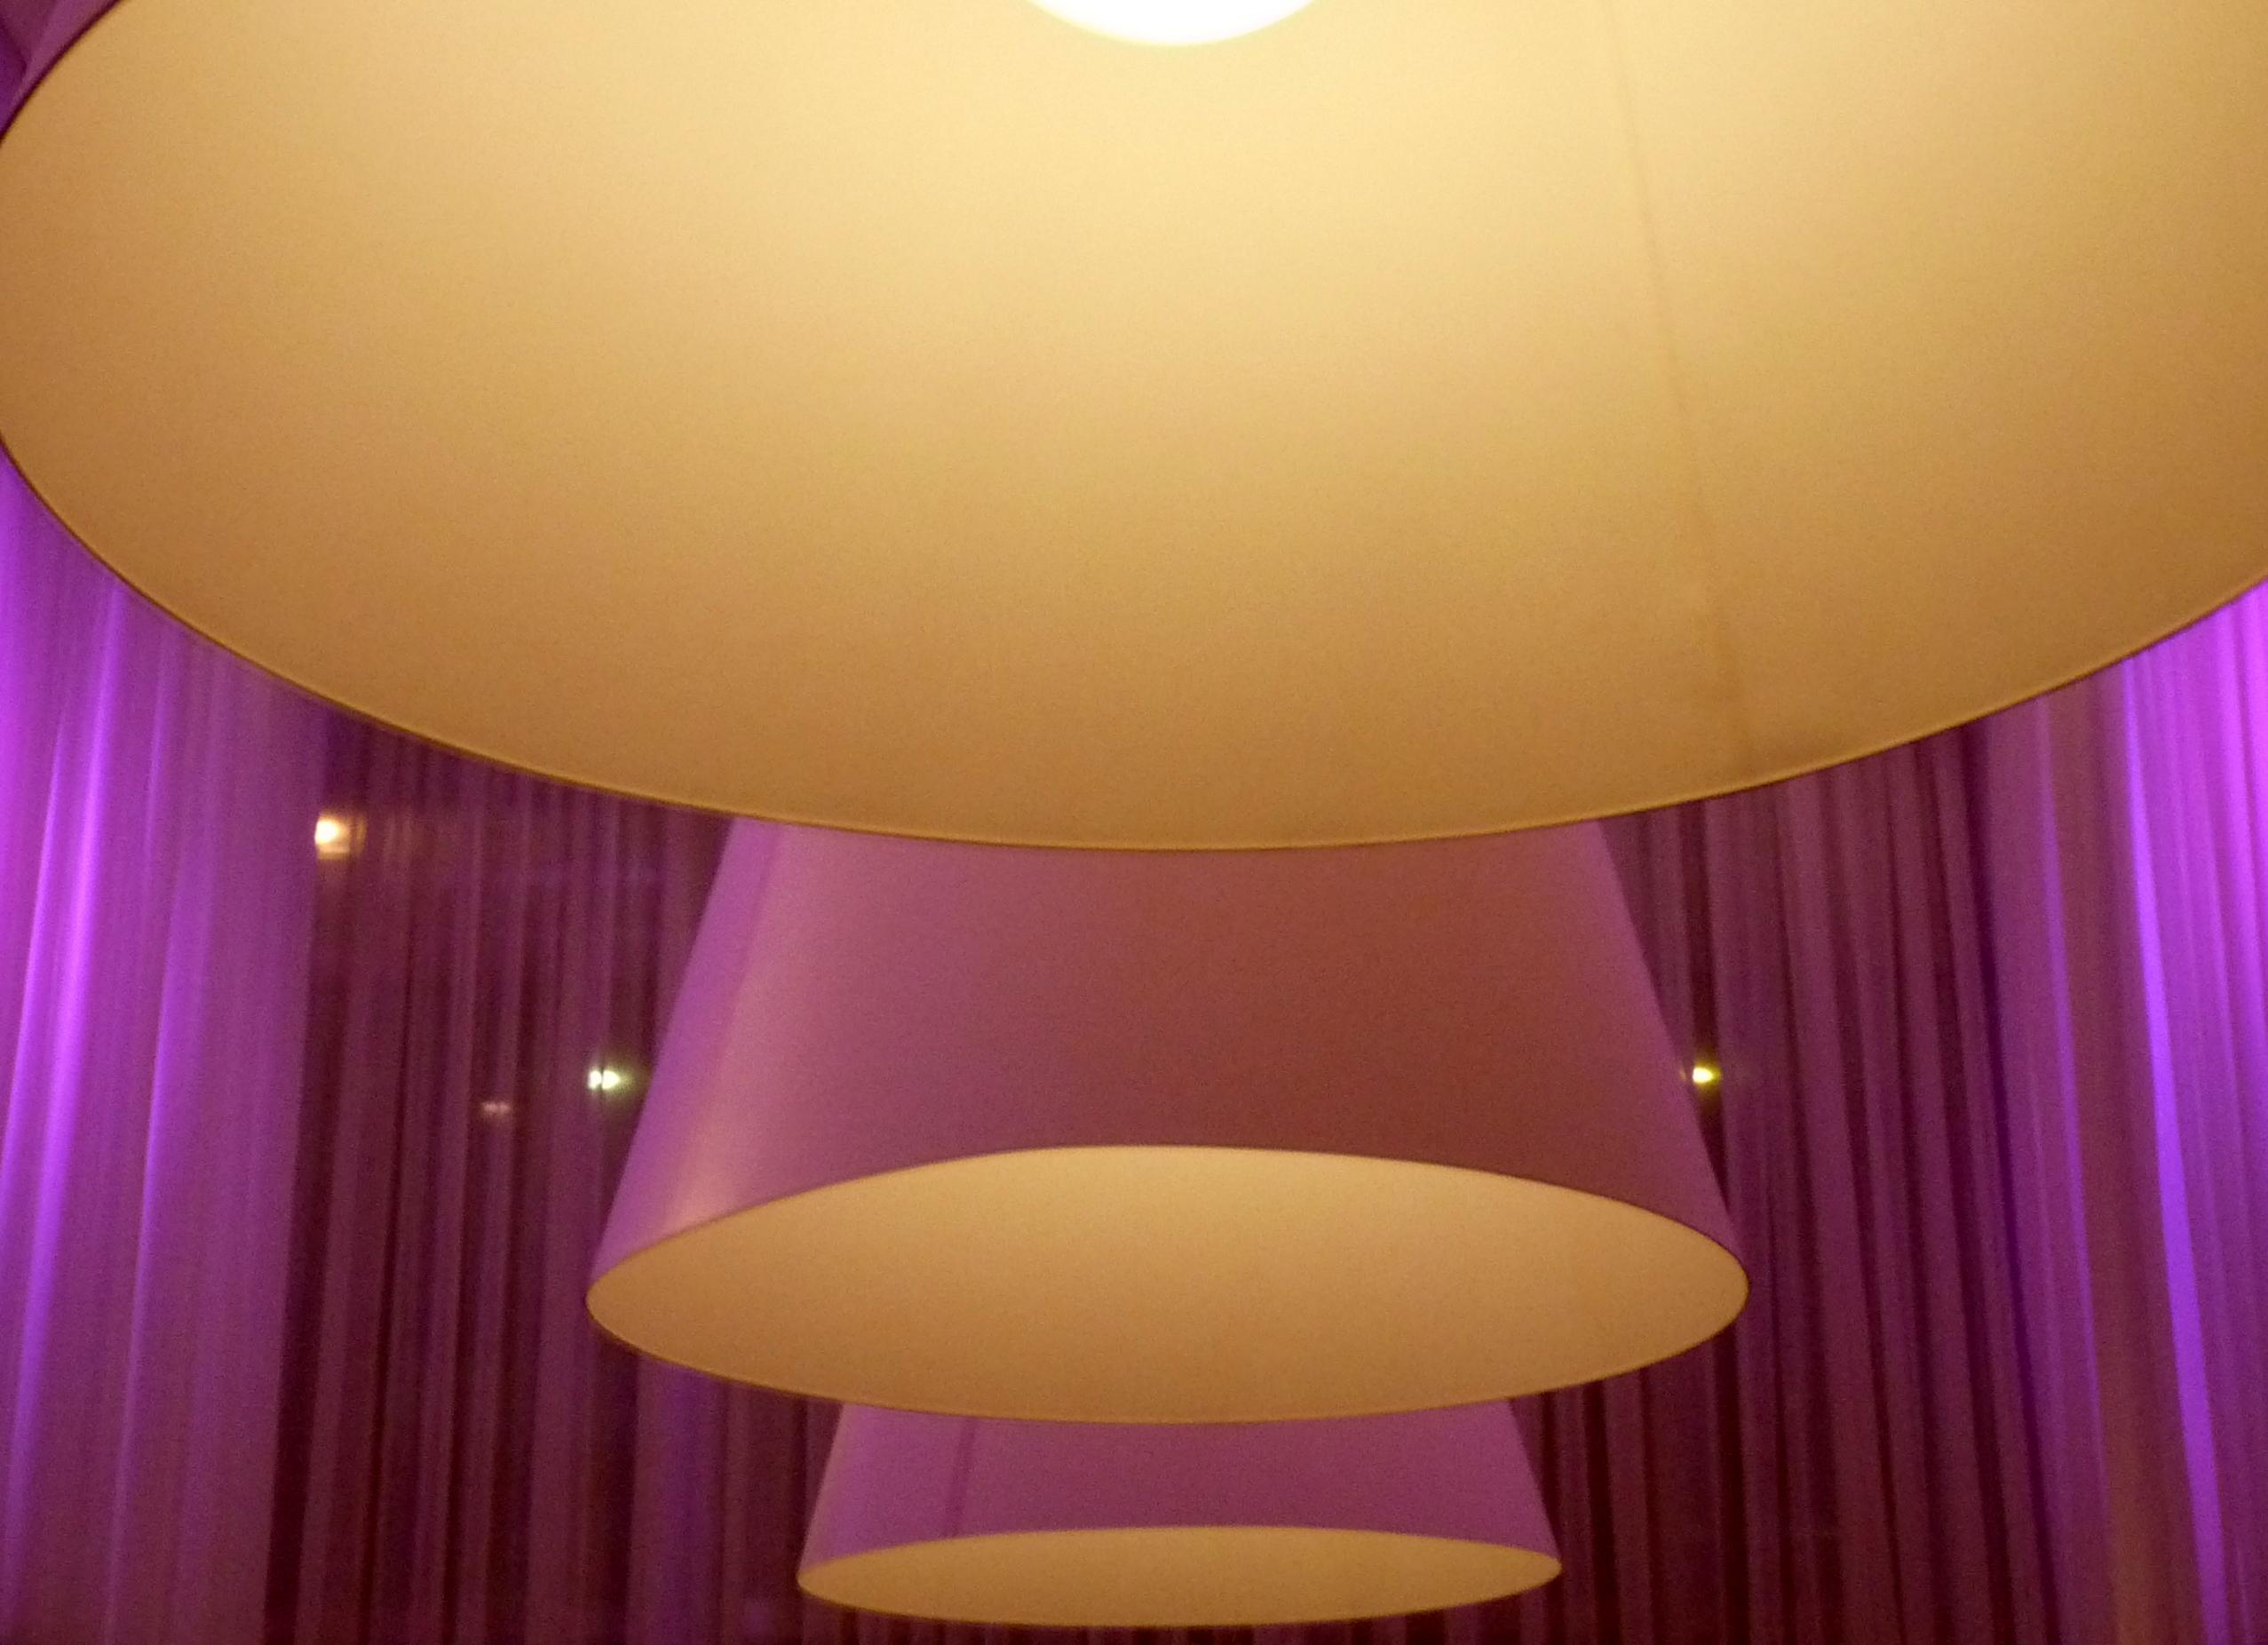 Twin Peaks Pink Room